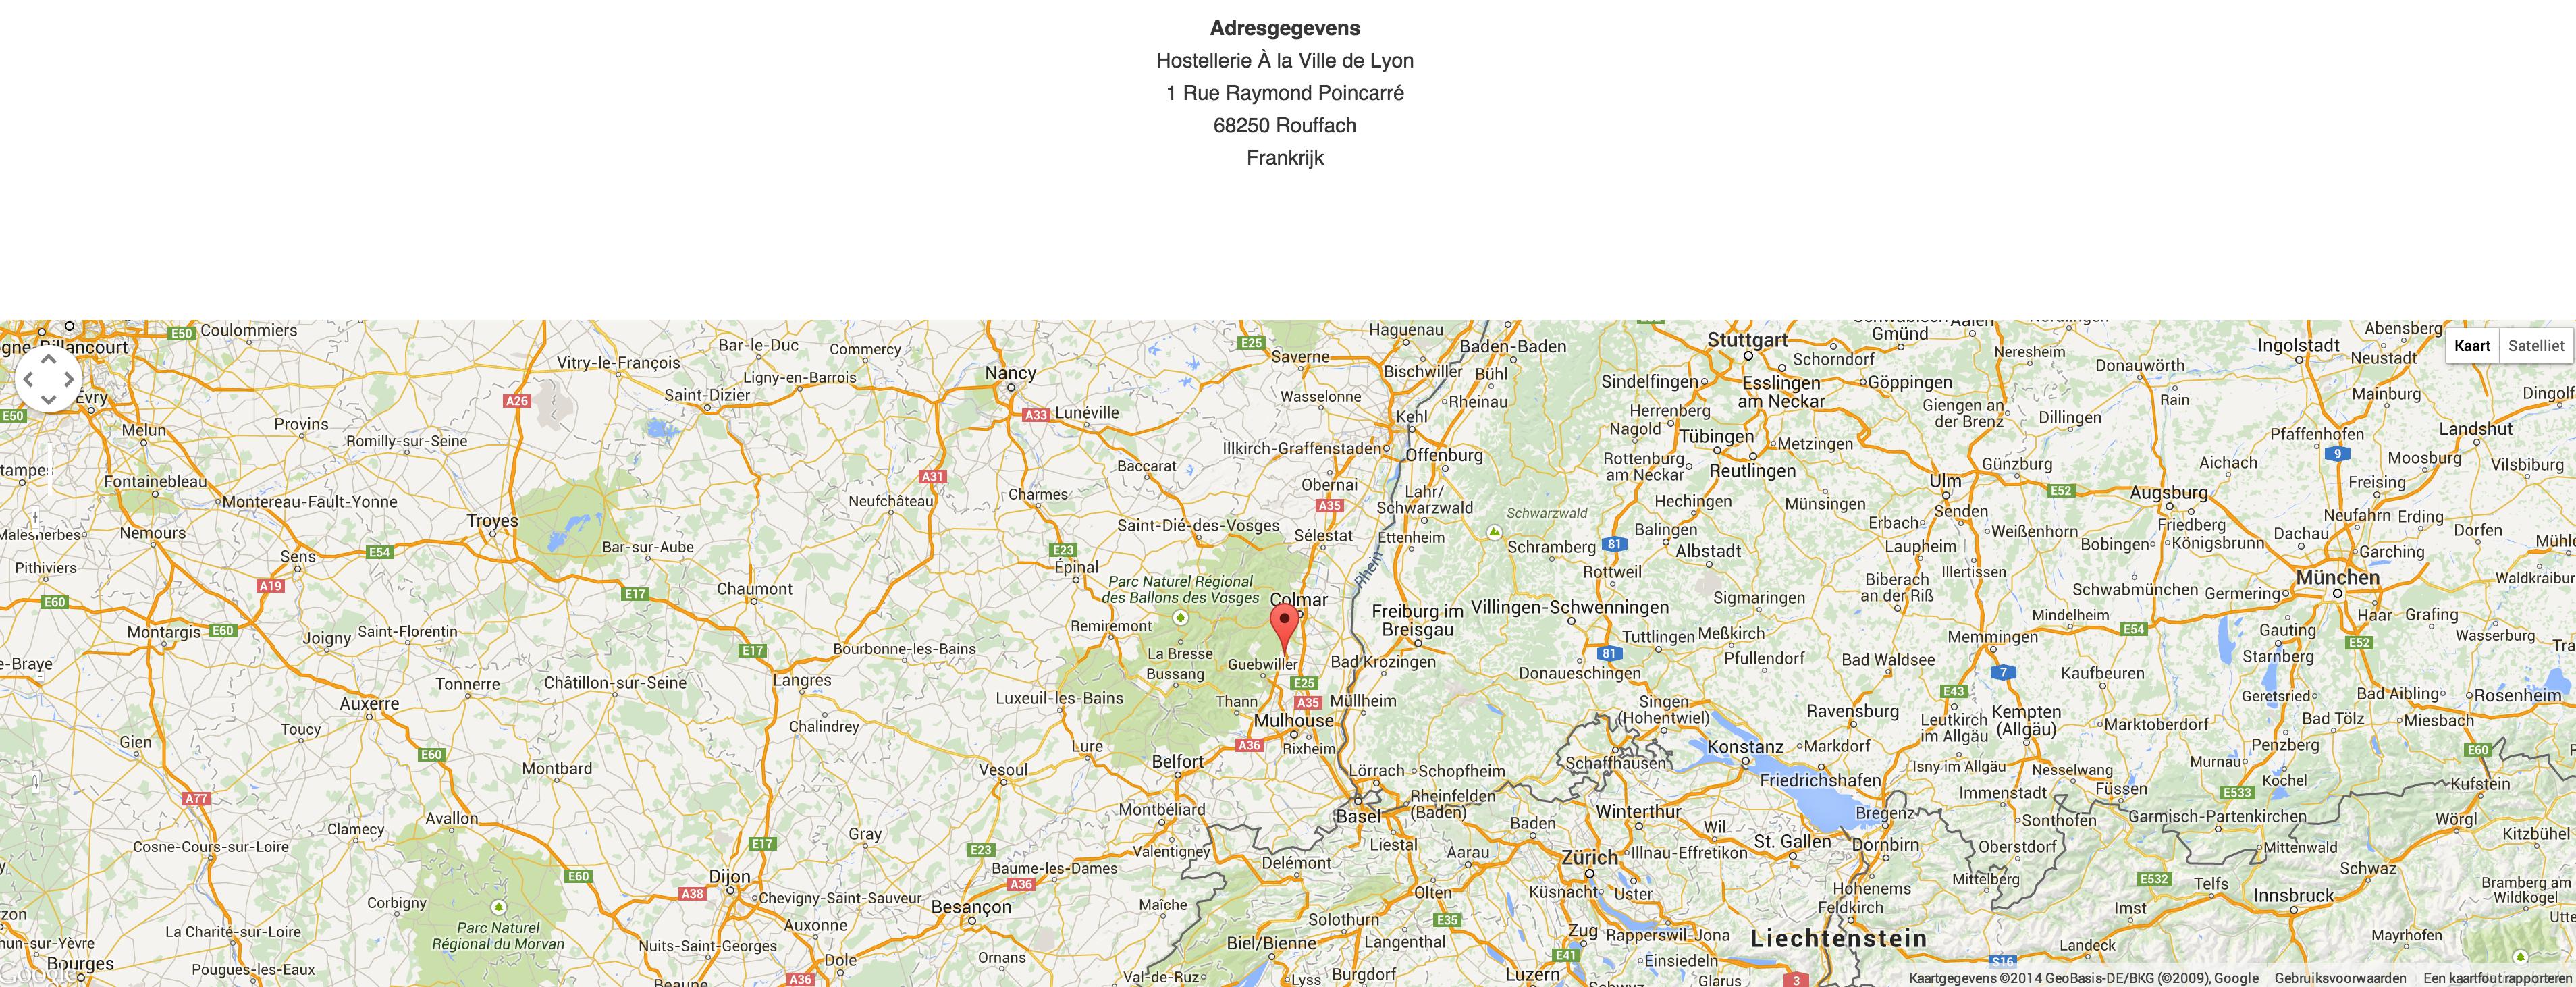 Schermafbeelding 2014-12-07 om 10.46.39